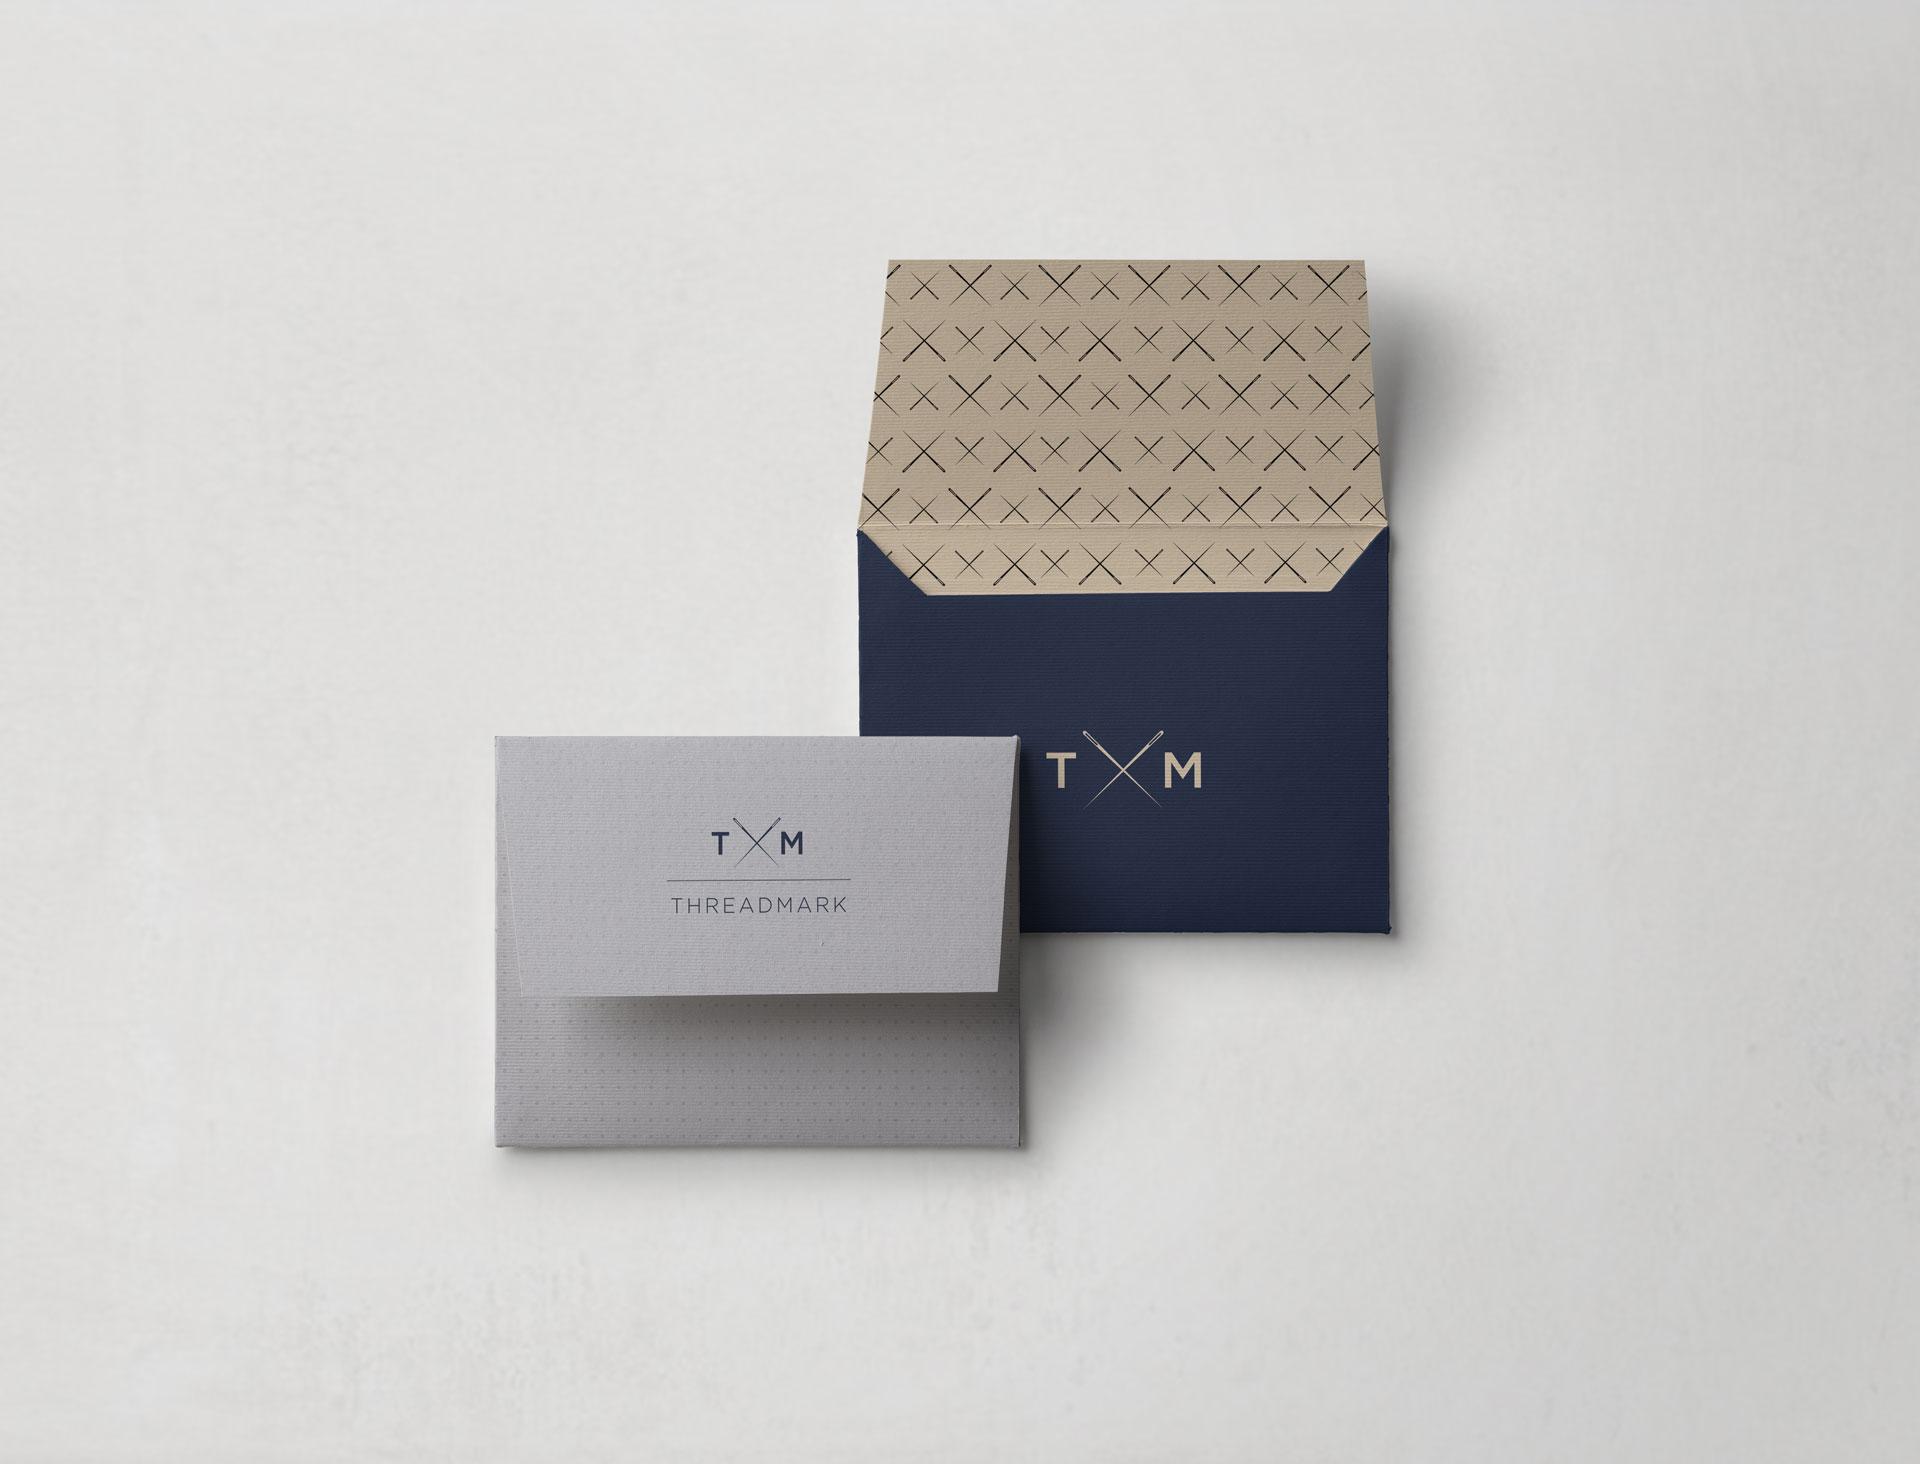 Threadmark-Envelope